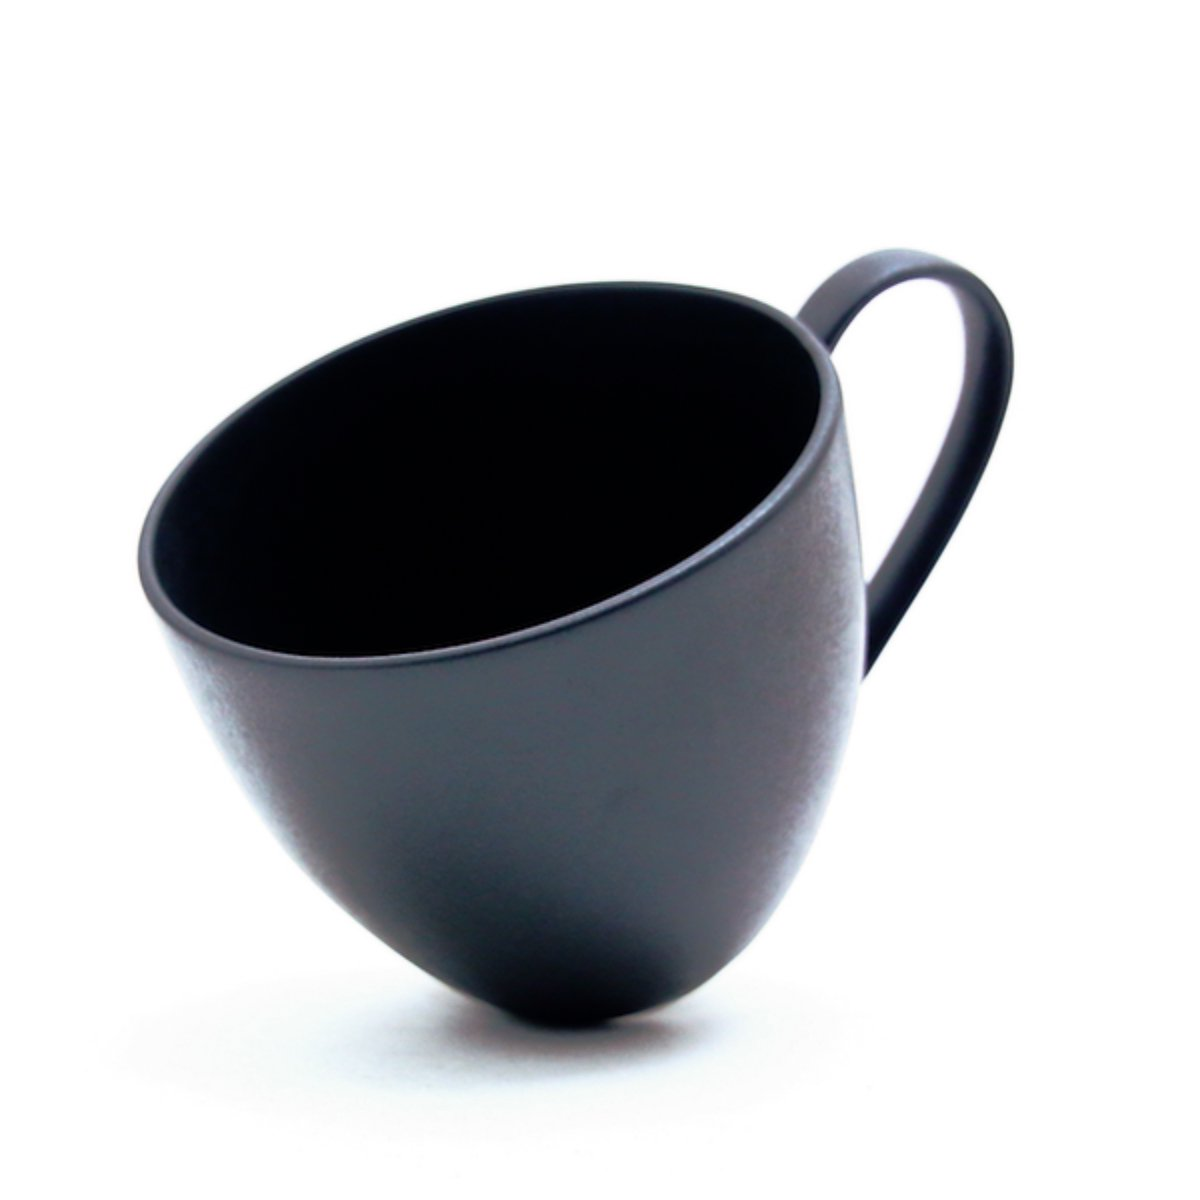 マグカップ M ブラックスター 詳細画像3